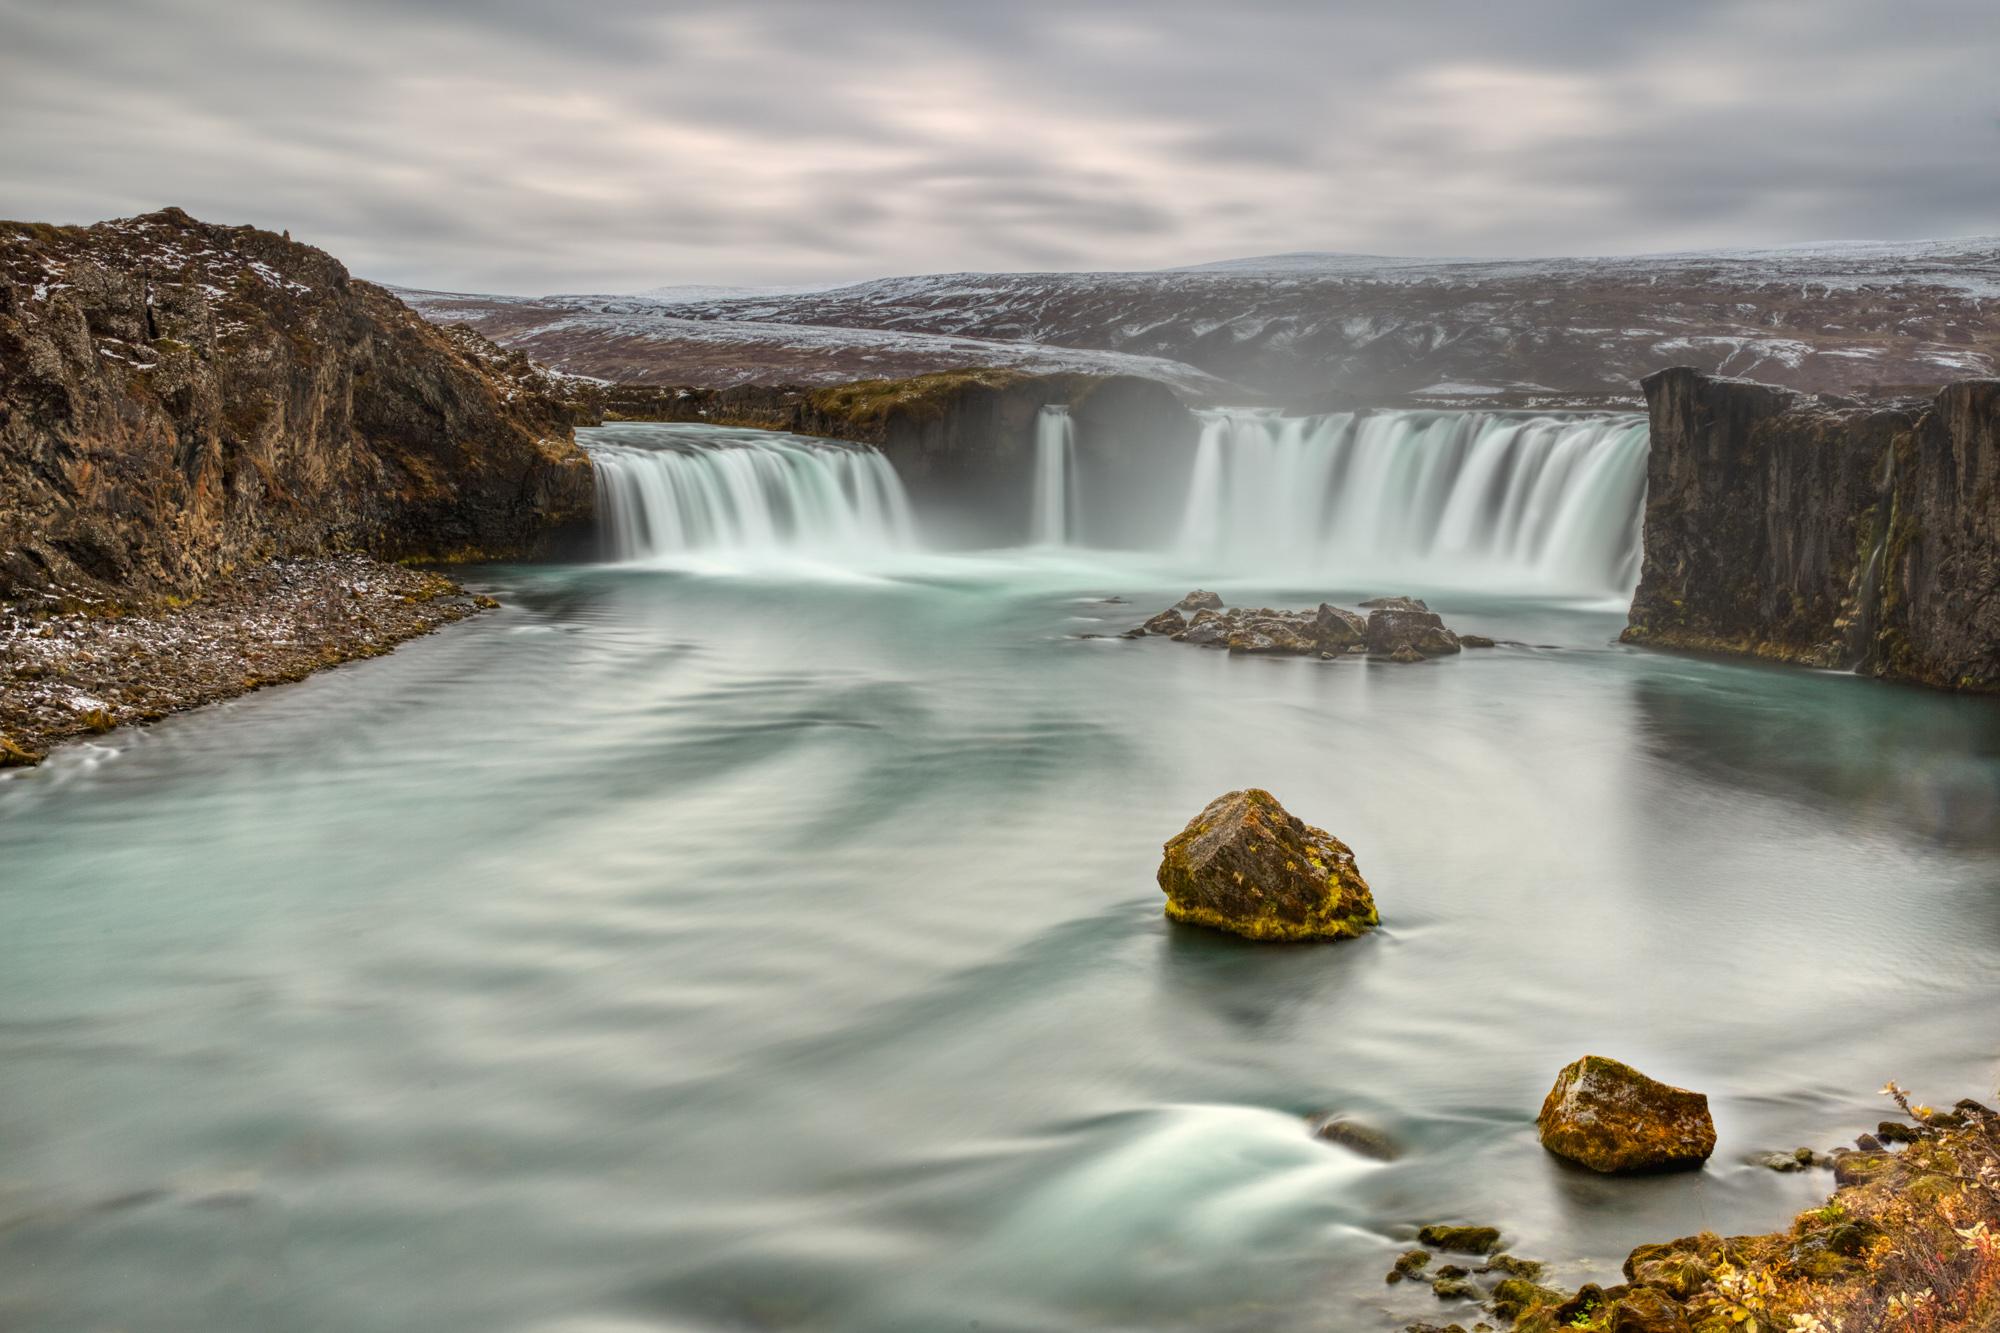 islandia-871_AuroraHDR2019-edit.jpg